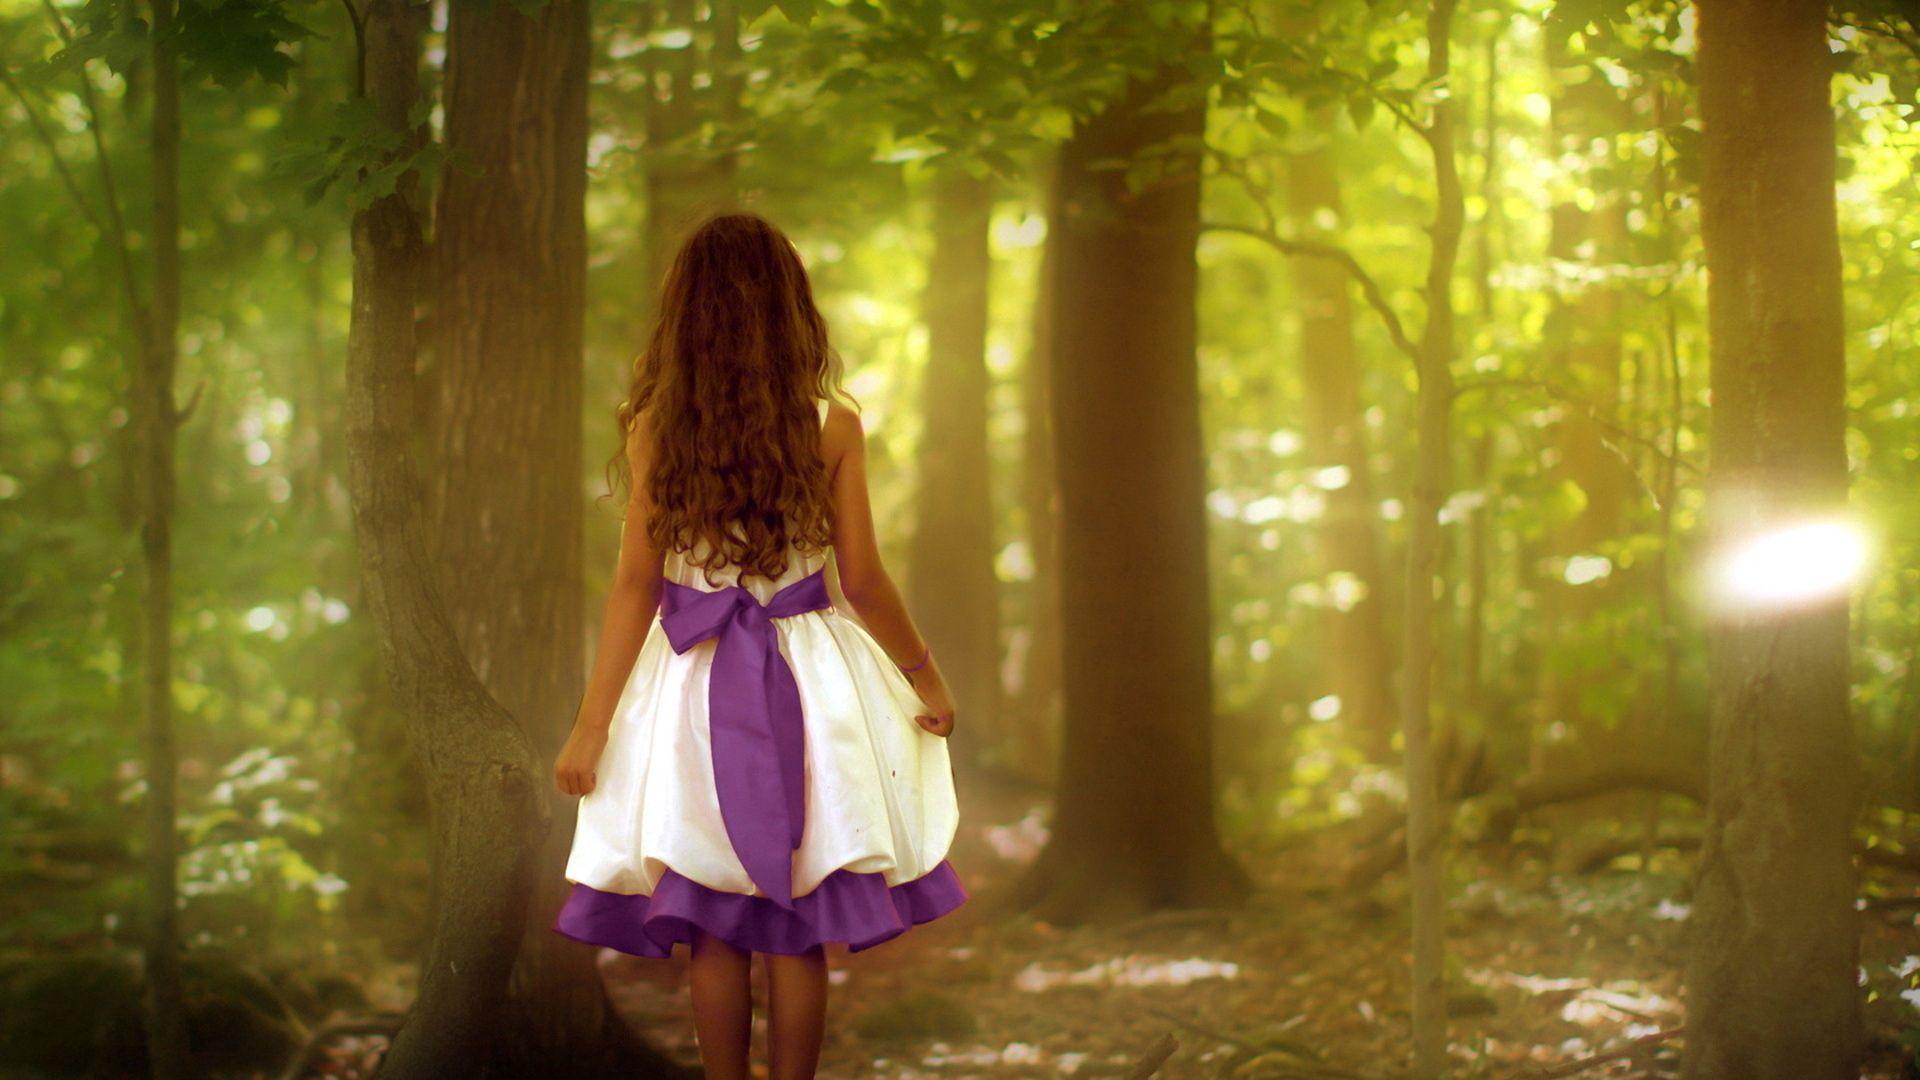 135559 скачать обои Разное, Девочка, Лес, Природа, Настроение, Стиль - заставки и картинки бесплатно